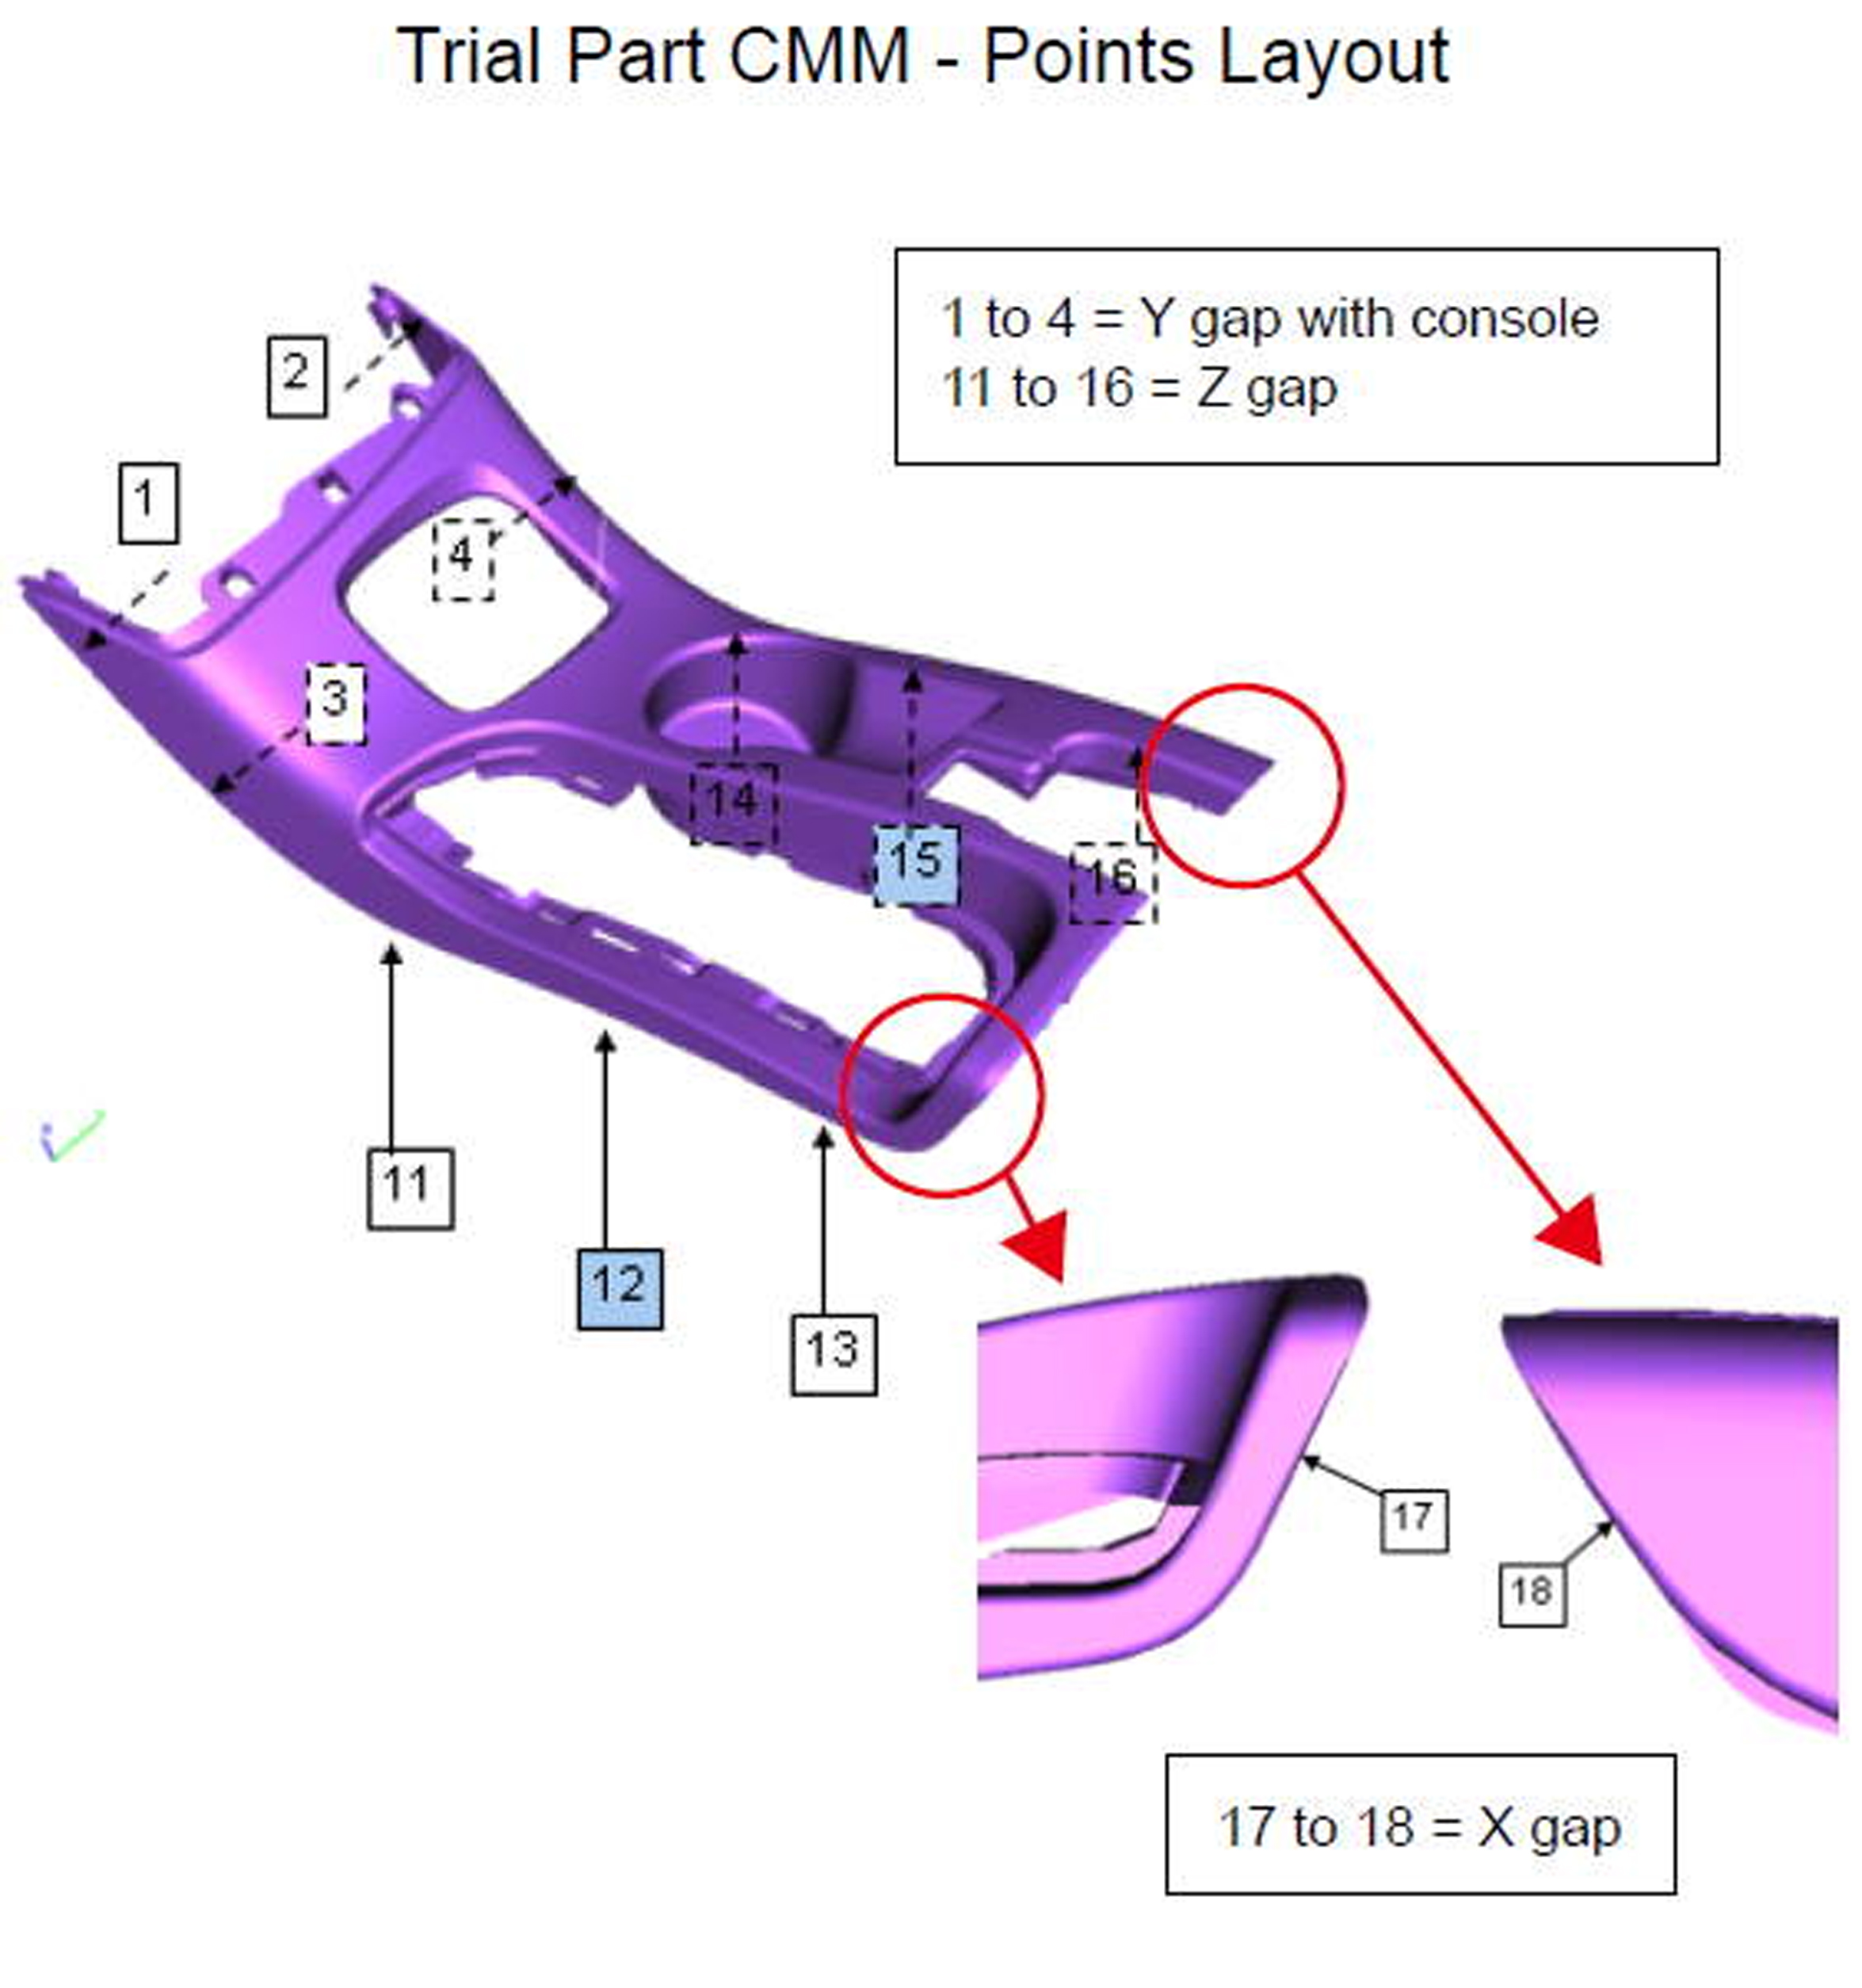 Pomiary CMM gotowego produktu - położenie punktów pomiarowych